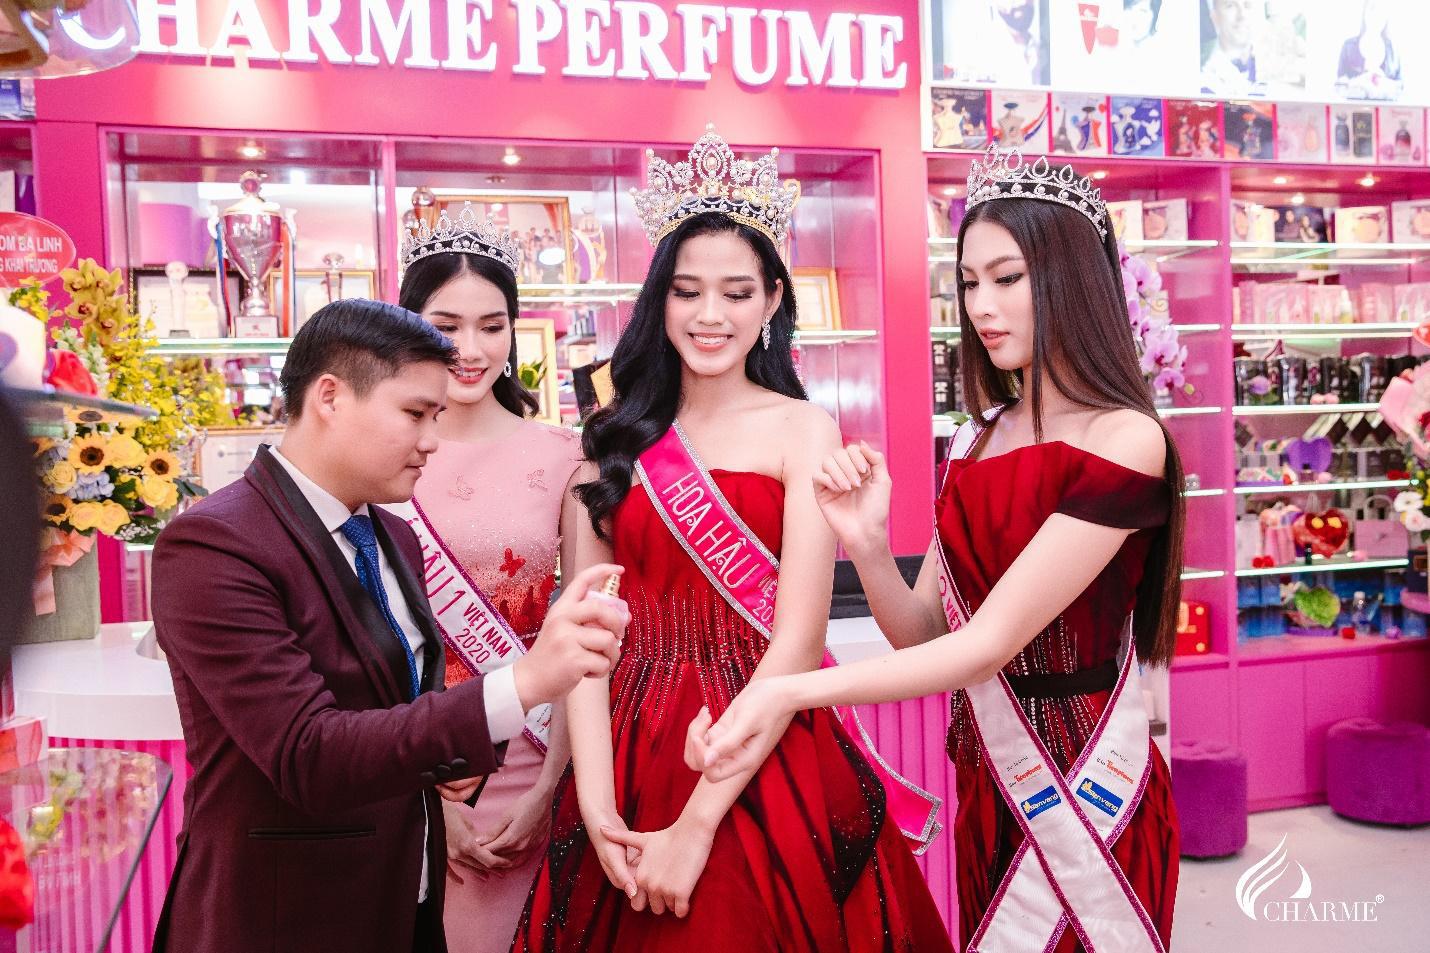 Top Hoa hậu Việt Nam 2020 đến chúc mừng nước hoa Charme khai trương trụ sở công ty tại TP.HCM - Ảnh 9.